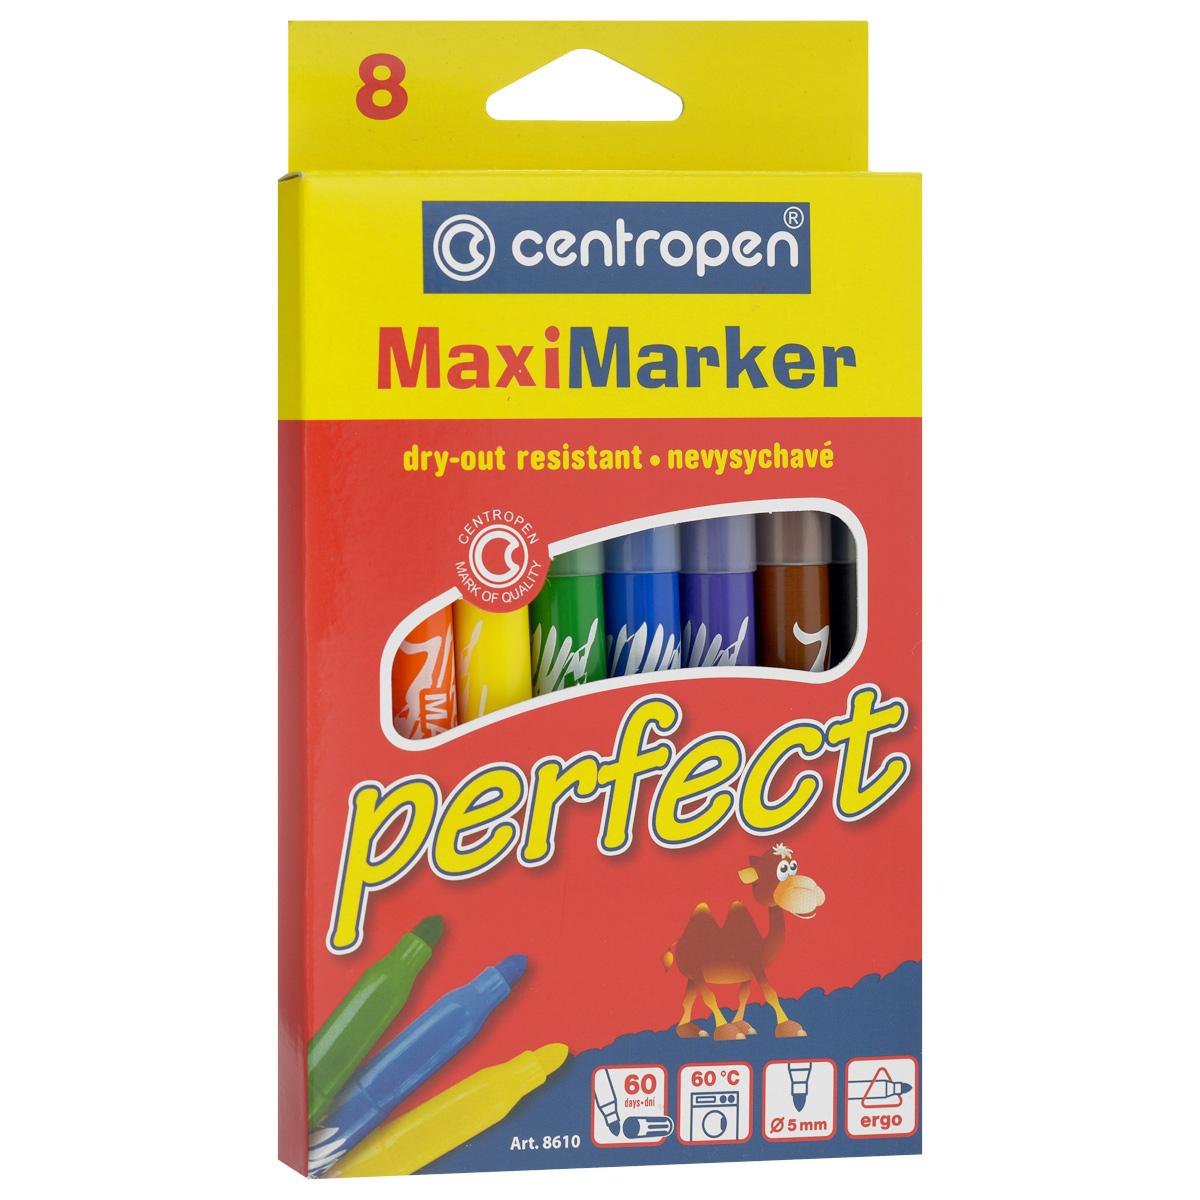 Фломастеры Centropen Perfect, устойчивые к высыханию, 8 цветовFS-36052Фломастеры Centropen Perfect - идеальный инструмент для творчества маленького художника!Корпусы фломастеров выполнены из прочного пластика соответствующих цветов.Фломастеры имеют яркие насыщенными цветами и легко ложатся на бумагу. Вентилируемые колпачки фломастеров снабжены специальными отверстиями. Фломастеры устойчивы к высыханию, а корпус увеличенного размера обеспечит удобство при рисовании. Всего в наборе 8 фломастеров желтого, оранжевого, синего, зеленого, красного, фиолетового и черного цветов. Рисование знакомит ребенка с цветами и формами, и положительно влияет на настроение детей. Кроме того, оно развивает мелкую моторику, воображение и творческое мышление.